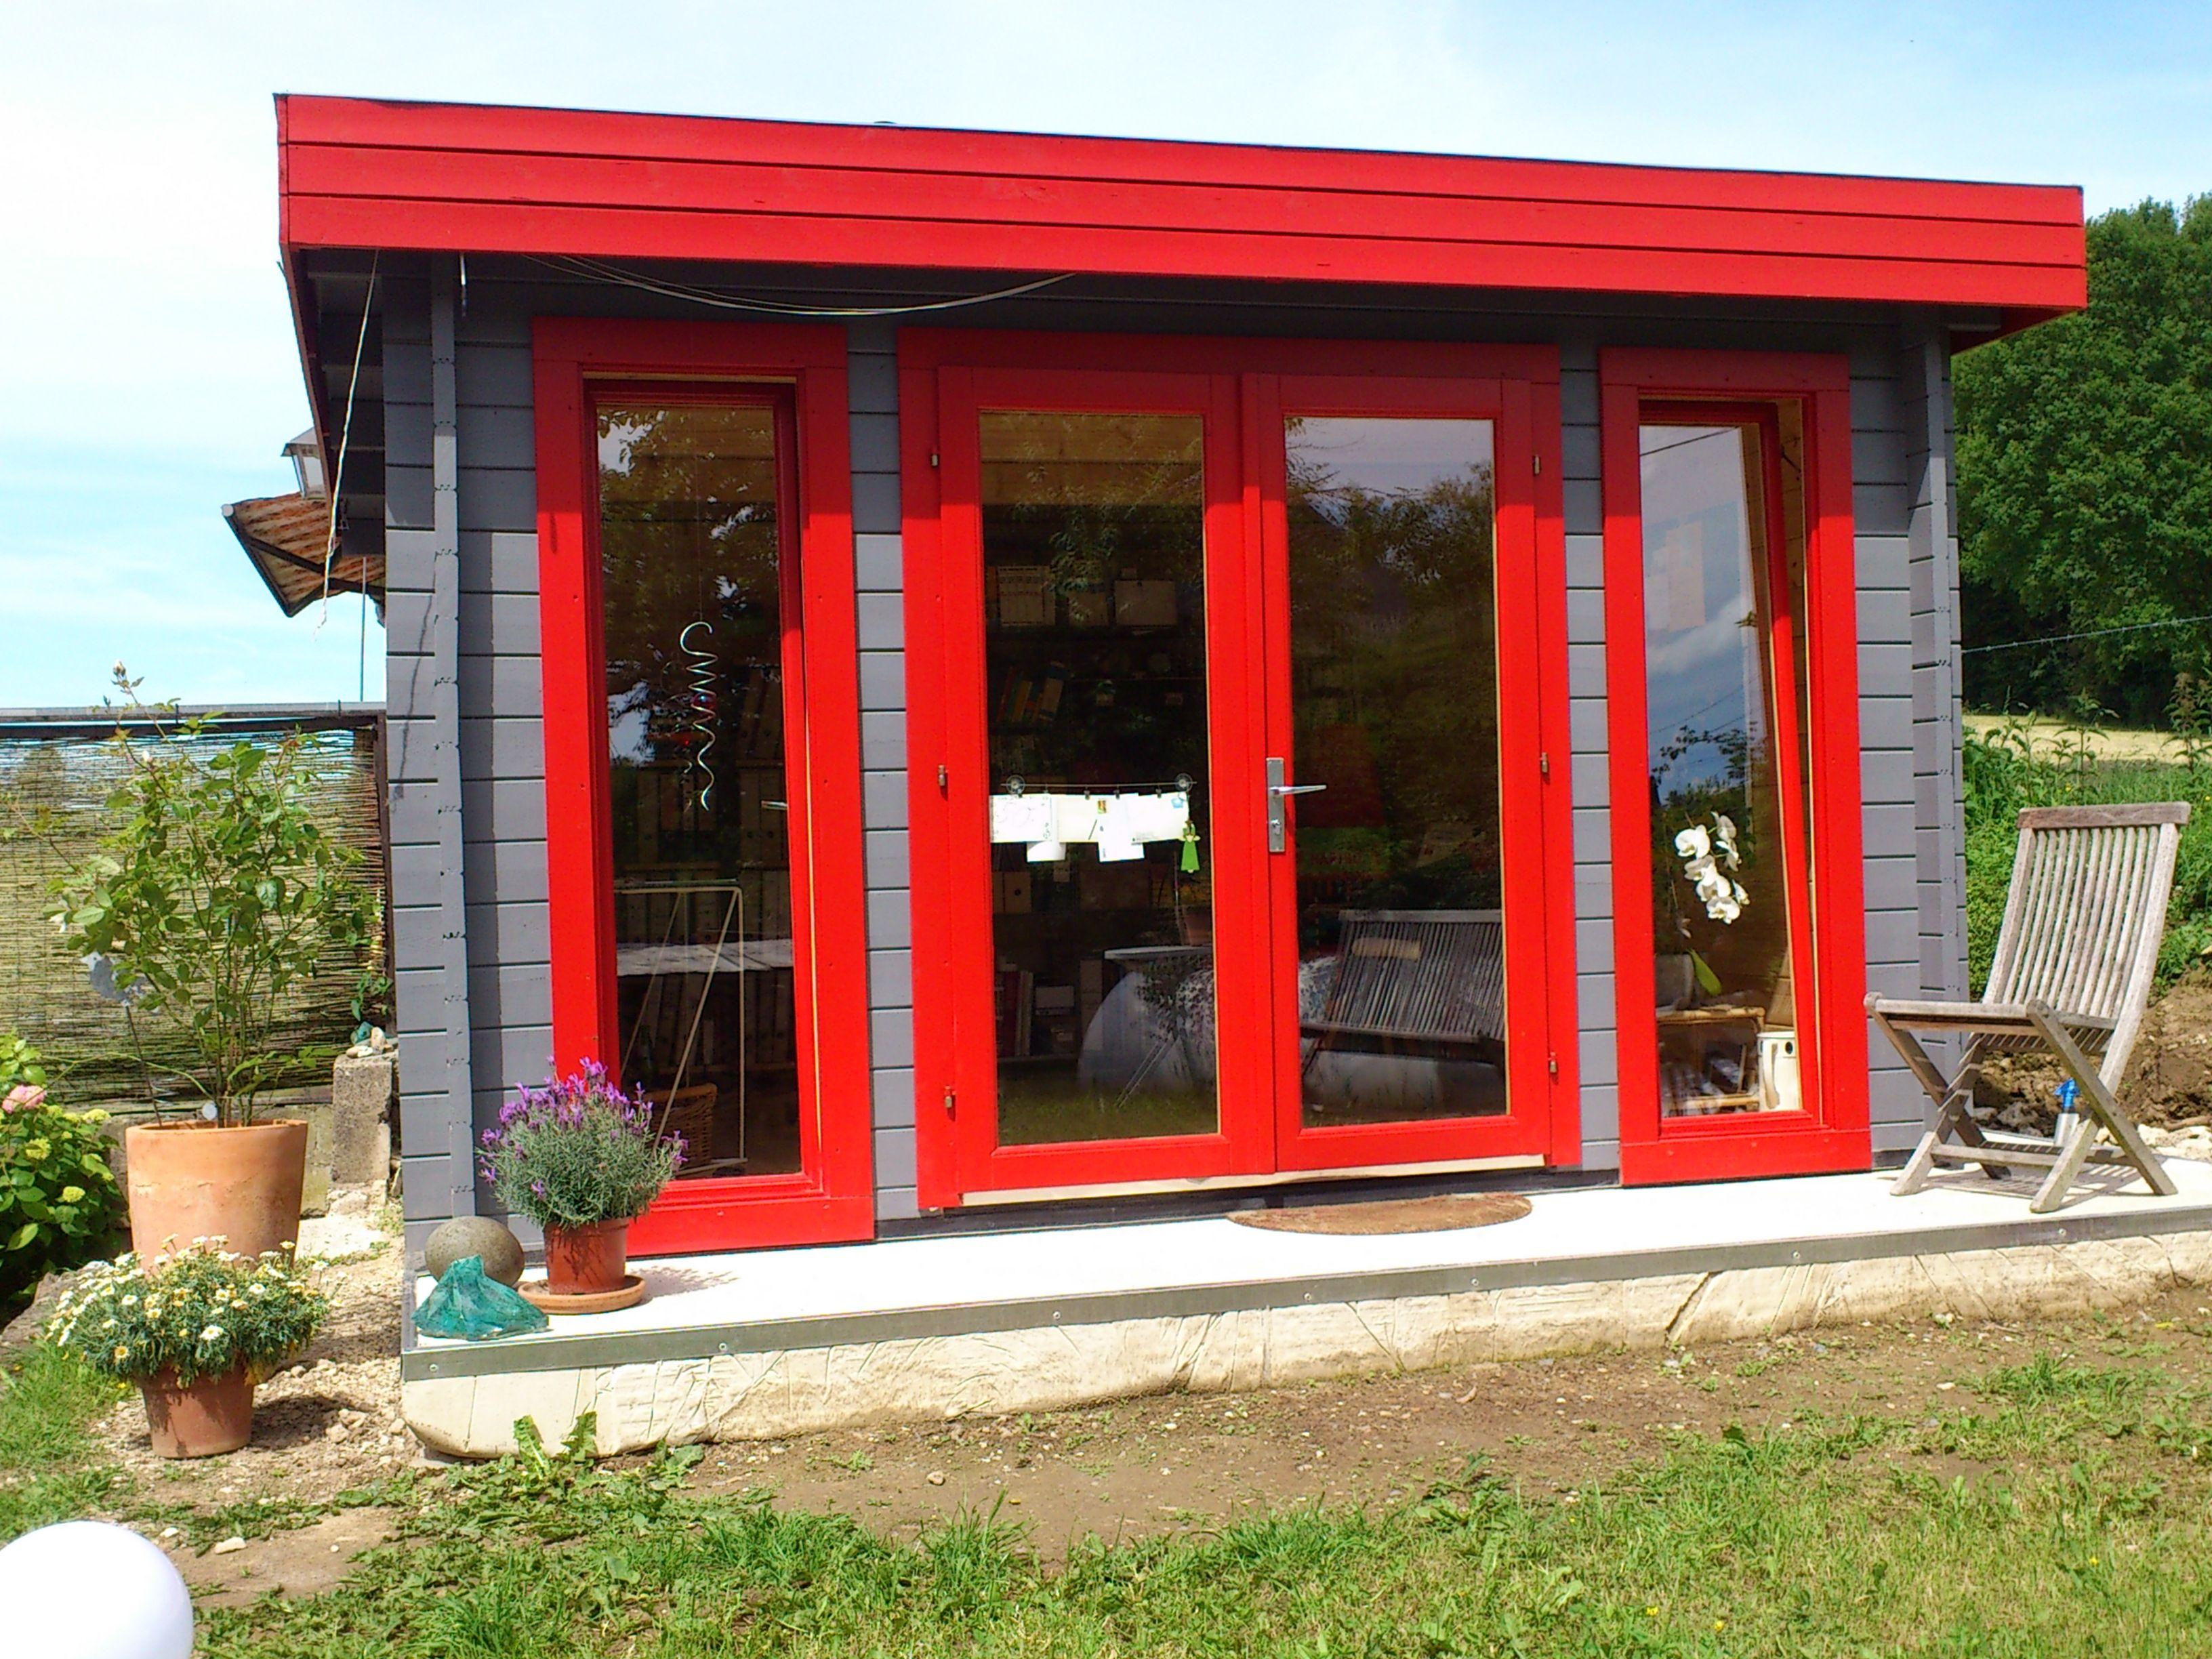 Modernes Flachdach Gartenhaus. Der Anstrich in leuchtendem Rot und